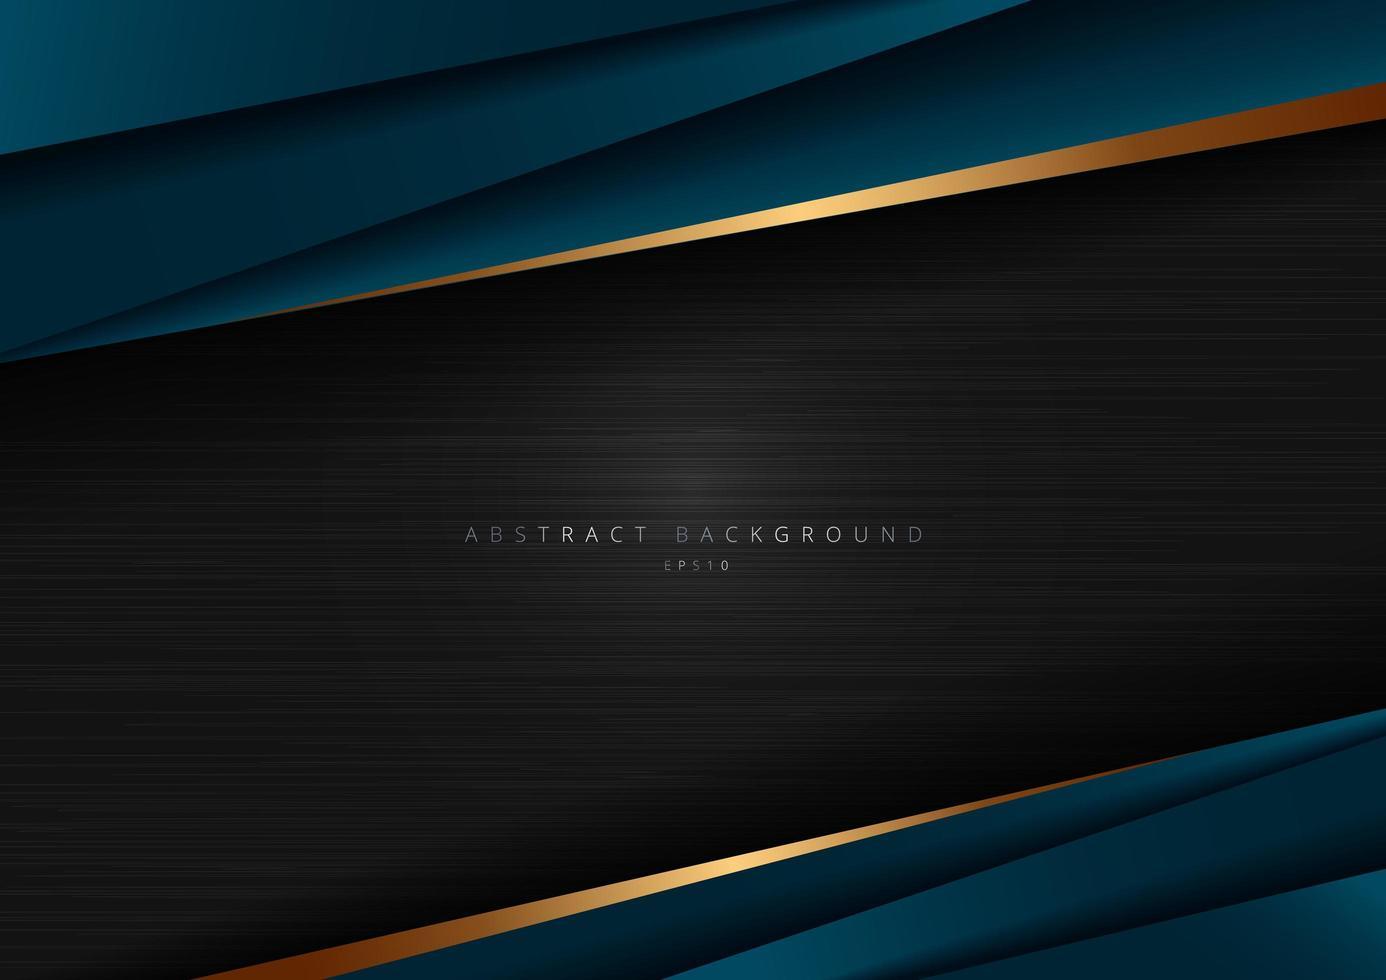 abstrakte Schablone dunkelblaue Luxusprämie auf schwarzem Hintergrund mit geometrischem Dreiecksmuster und goldenen gestreiften Linien. vektor